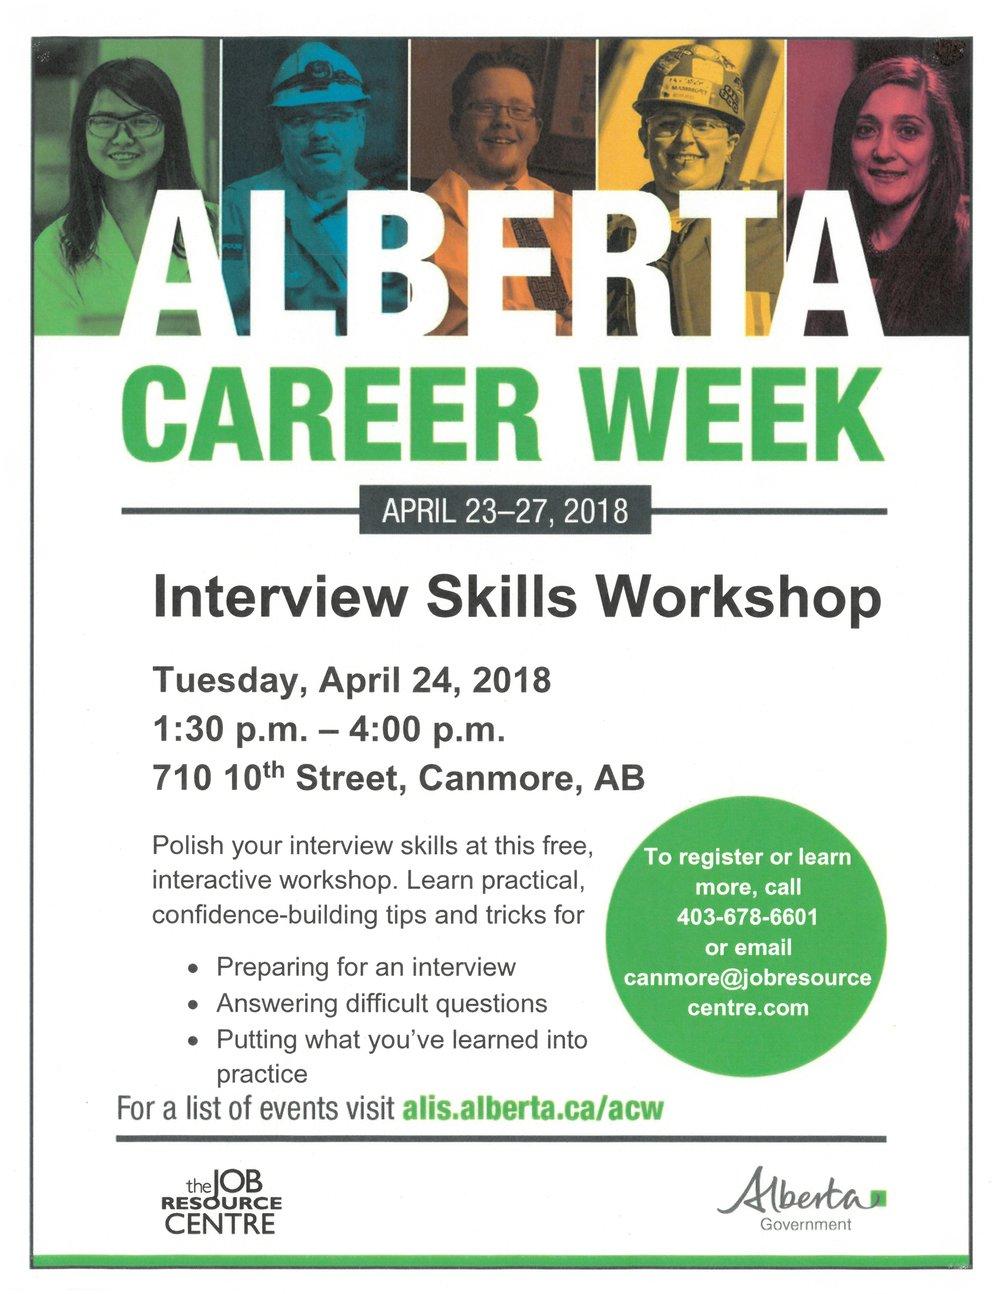 AlbertaCareerWeek Interview Skills ws.jpg